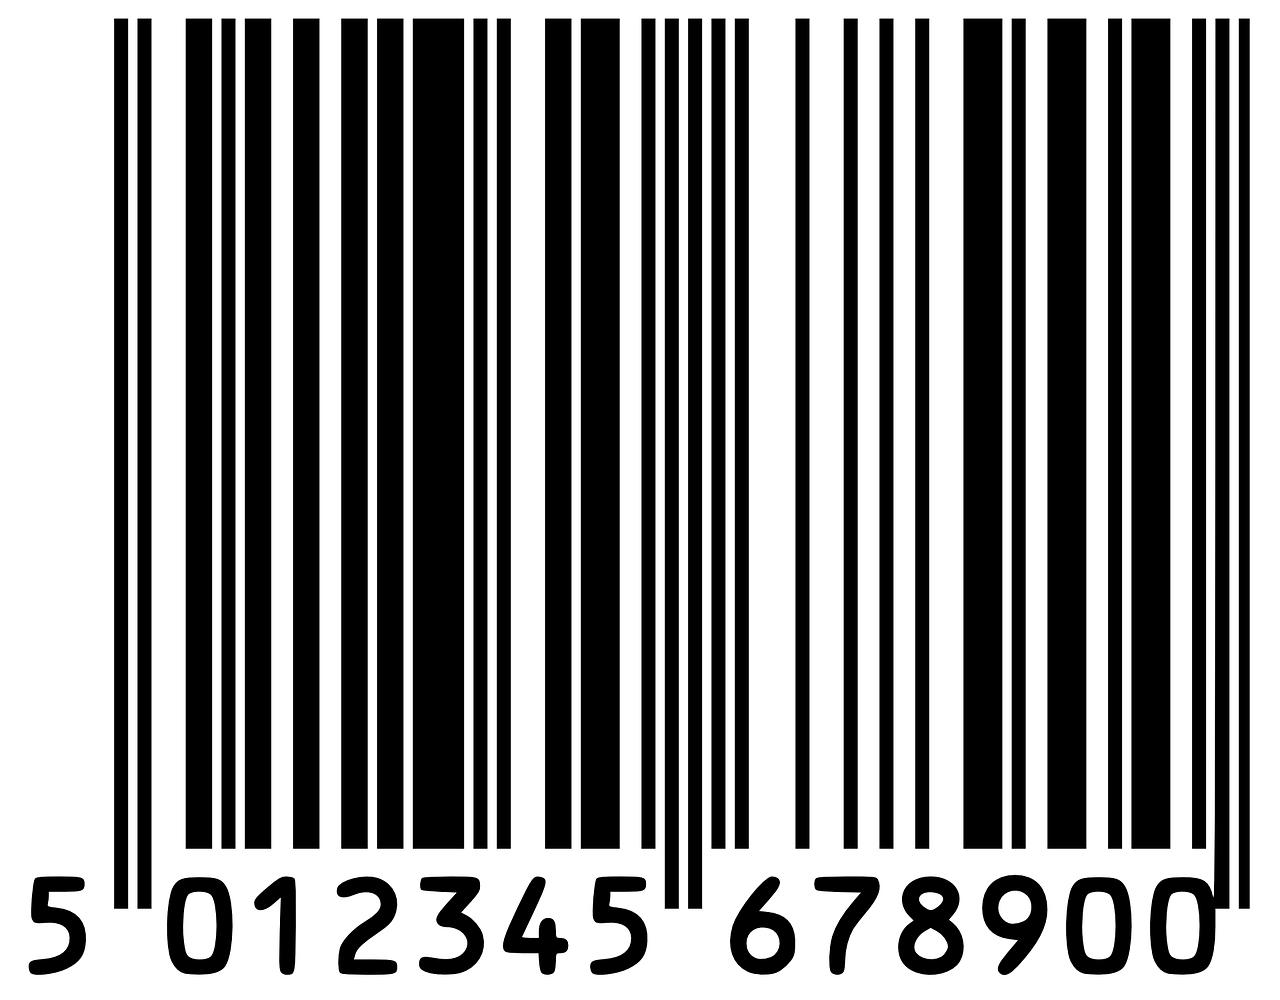 etiquette-code-a-barre